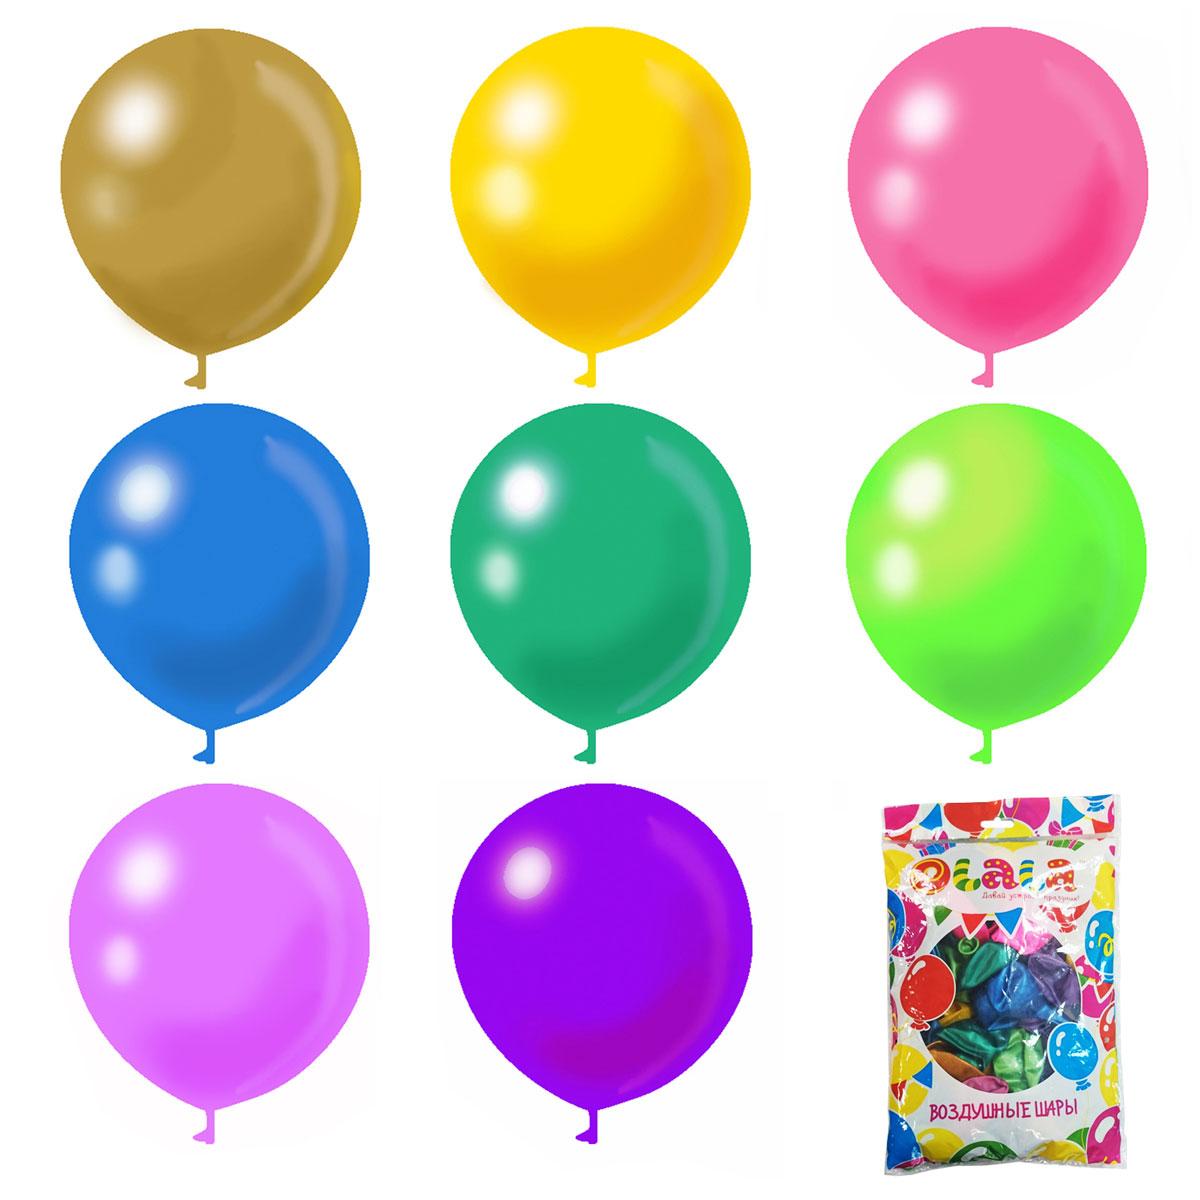 Olala Набор надувных шариков Металлик 50 штук26366Разноцветные шарики OLALA с металлическим отливом украсят любой праздник и помогут организовать множество увлекательных конкурсов, даря прекрасное настроение всем – и детям, и взрослым. А надувание шаров еще и чрезвычайно полезно: такое упражнение развивает дыхательную систему, что благотворно влияет на работу всего организма. В наборе 50 разноцветных латексных шаров диаметром 12/30 см. Товар сертифицирован.